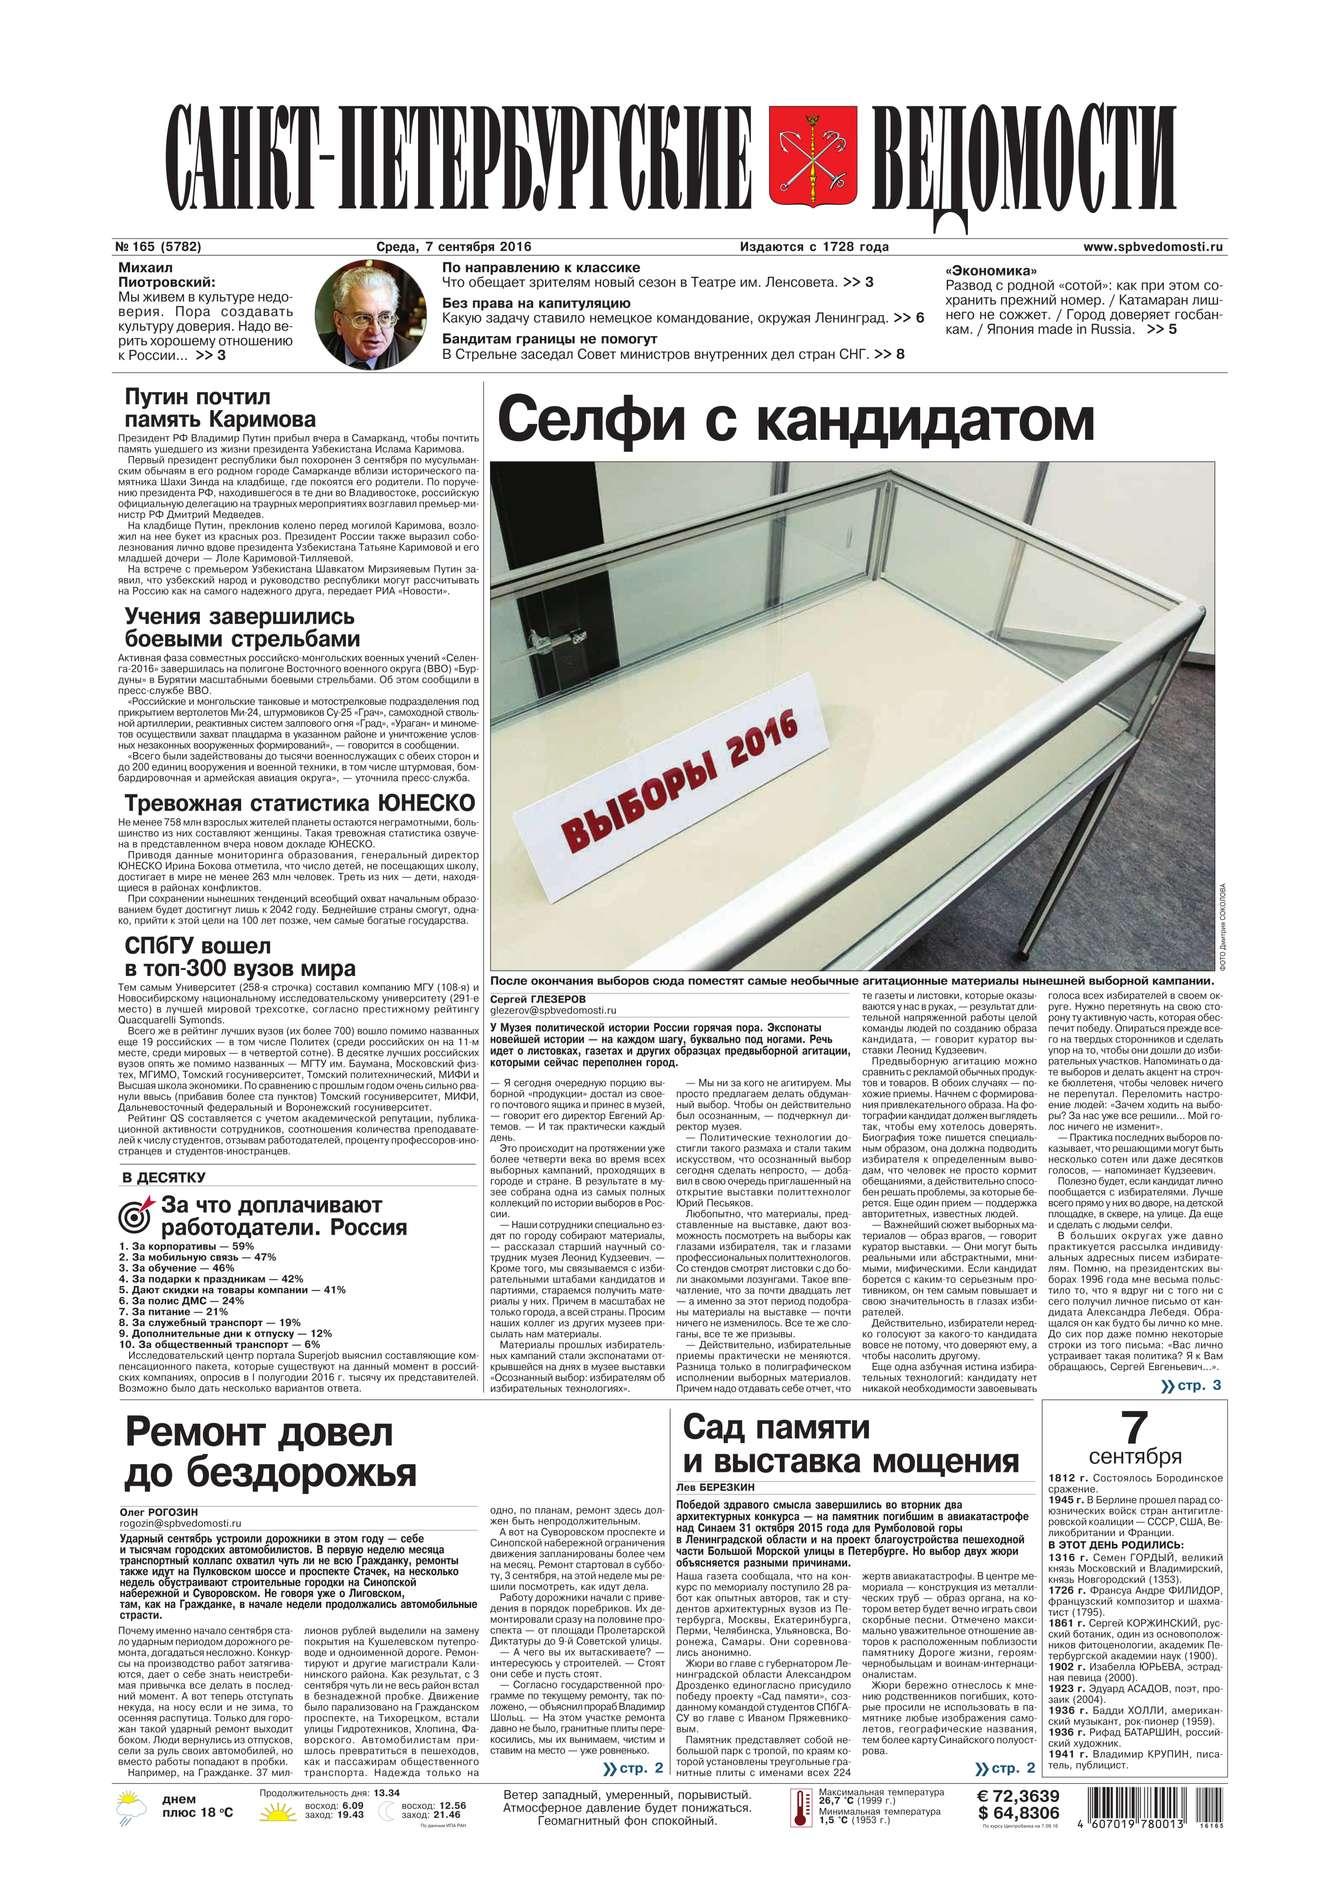 Редакция газеты Санкт-Петербургские ведомости Санкт-Петербургские ведомости 165-2016